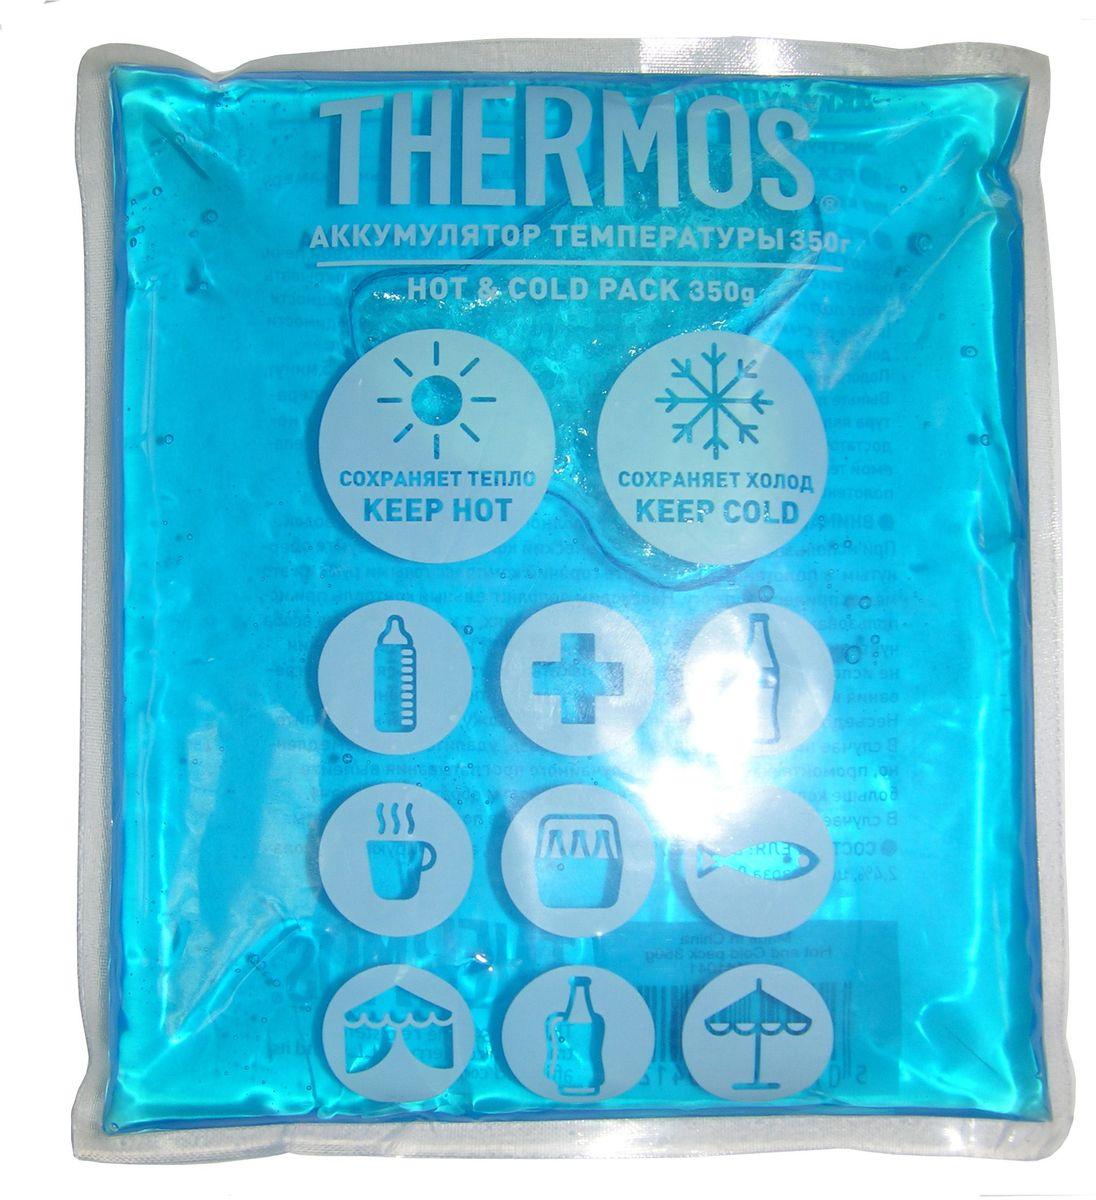 Аккумулятор температуры Thermos Gel Pack, цвет: синий, 350 г410412Универсальный в применении, используется для поддержания как низкой, так и высокой температуры. Замораживается, разогревается и всегда остается мягким.